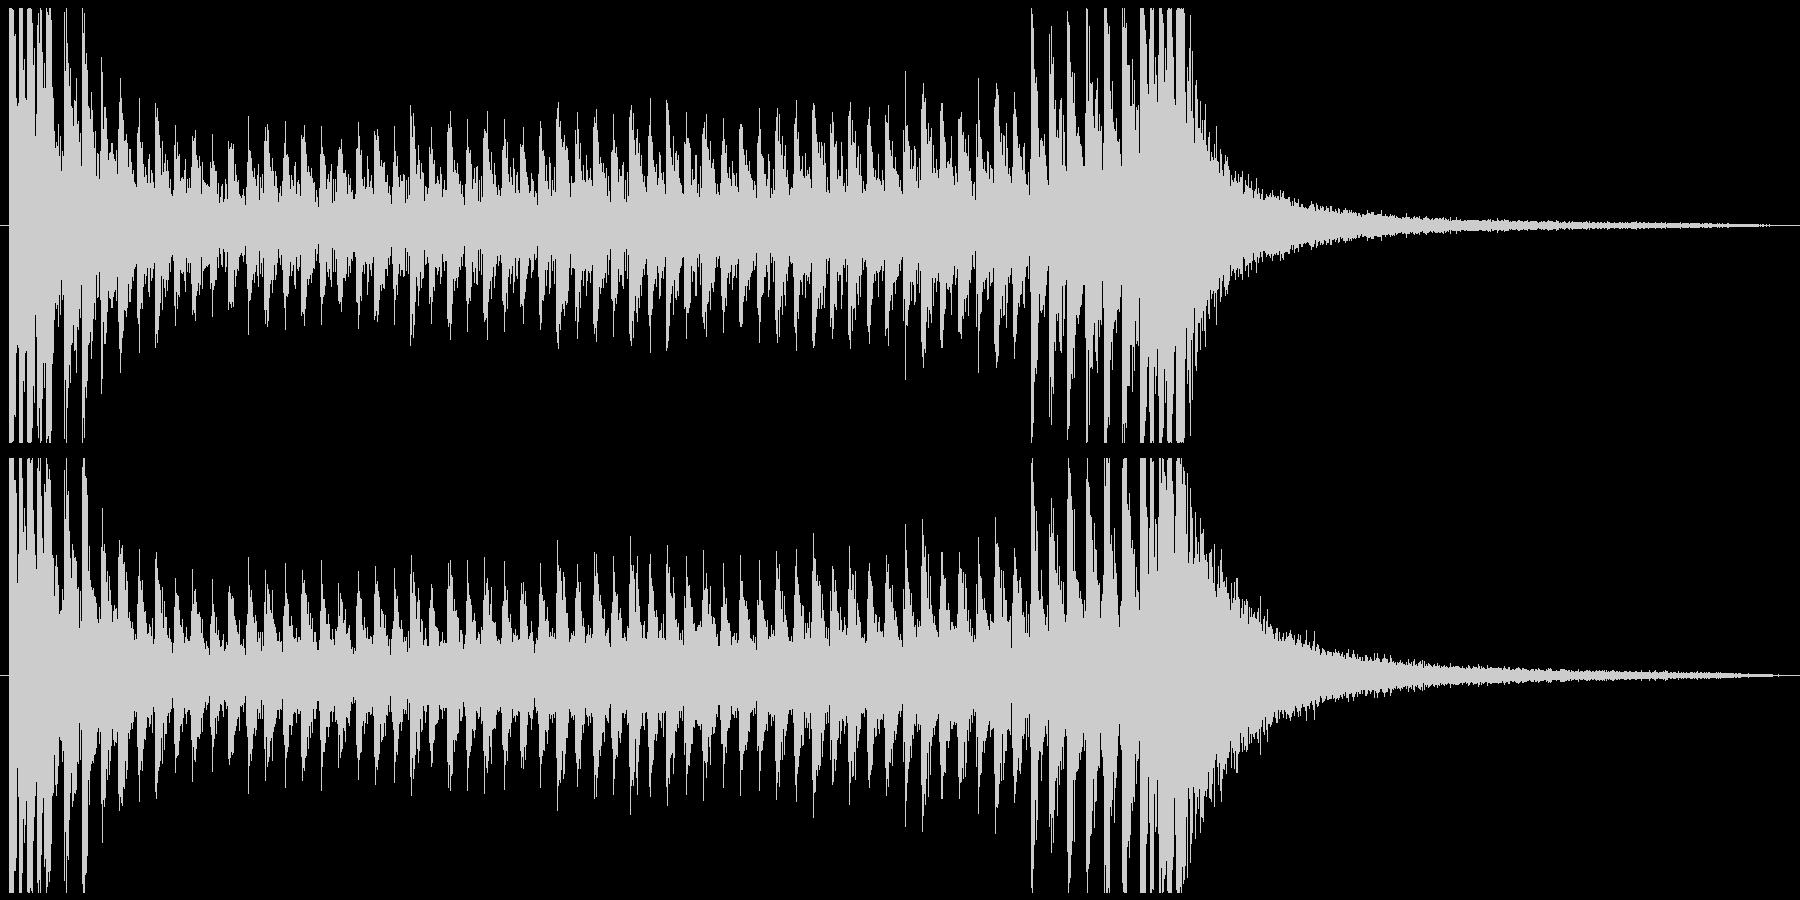 ドラムロール スネア 抽選 結果発表の未再生の波形